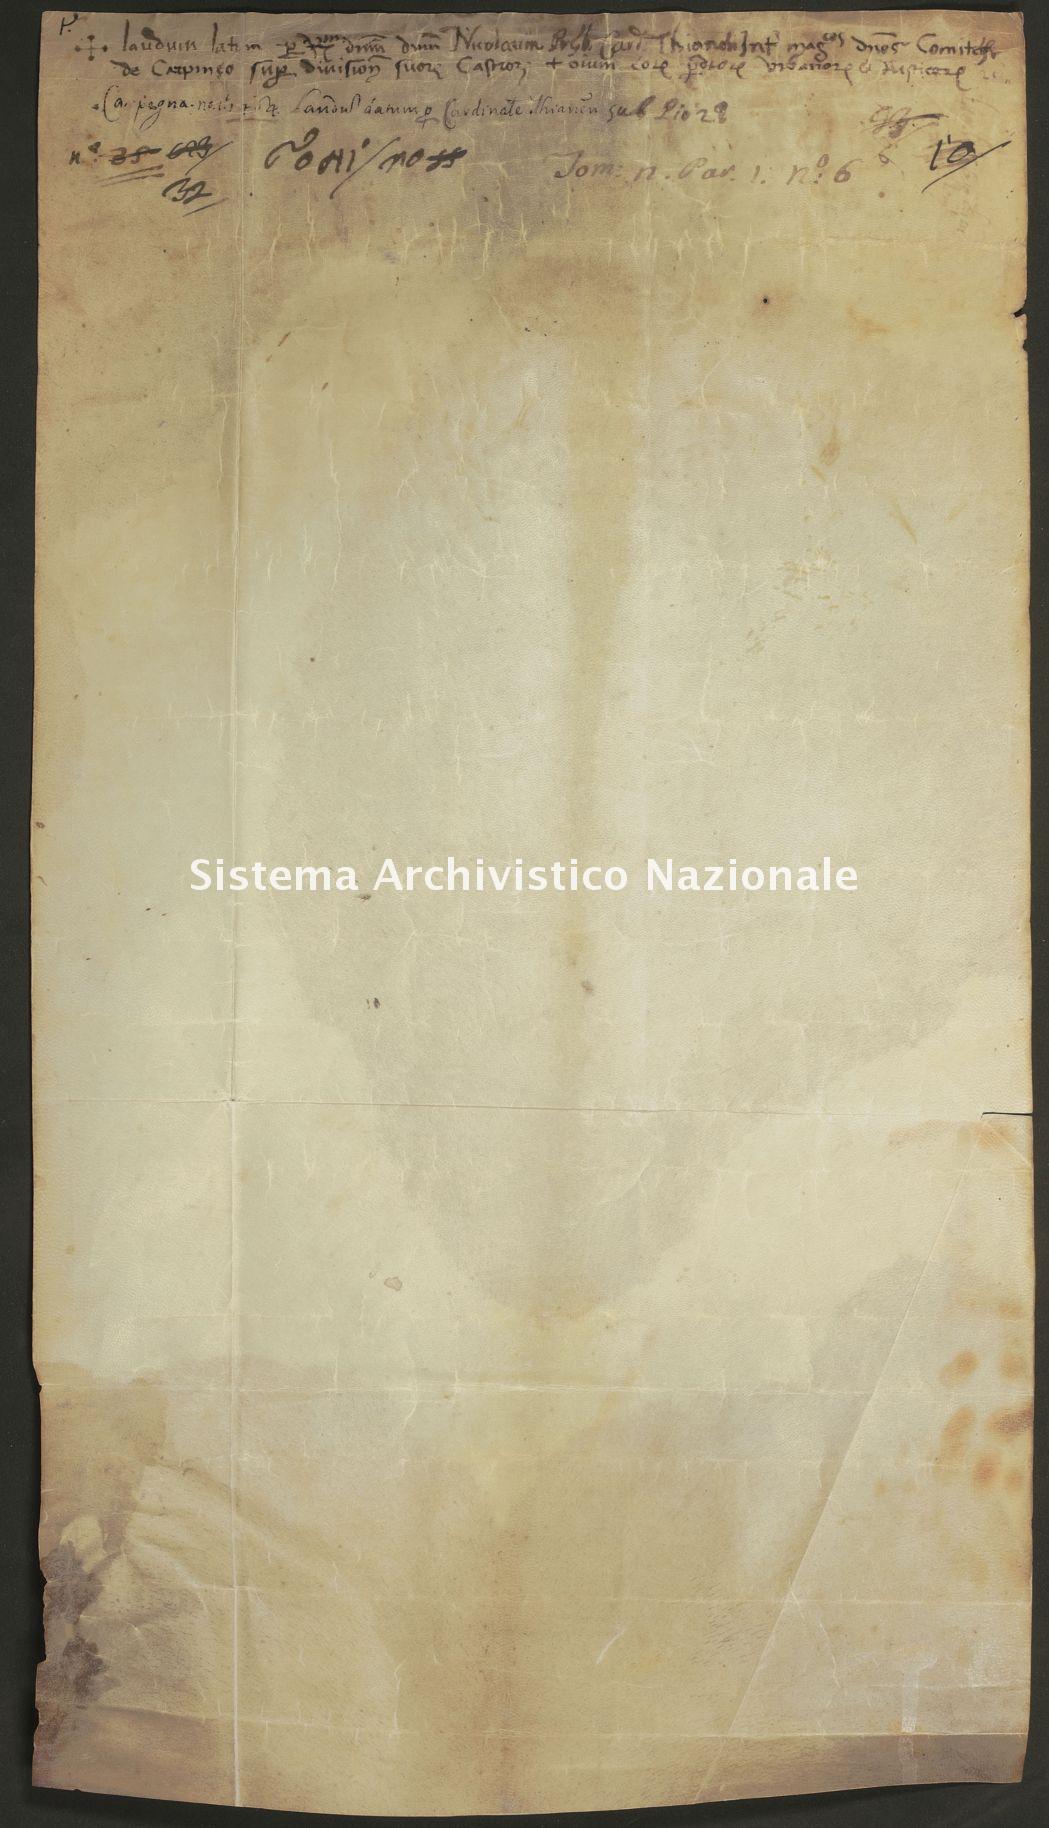 035. Carpegna Falconieri Gabrielli, Castellaccia, pergamena n. 35v